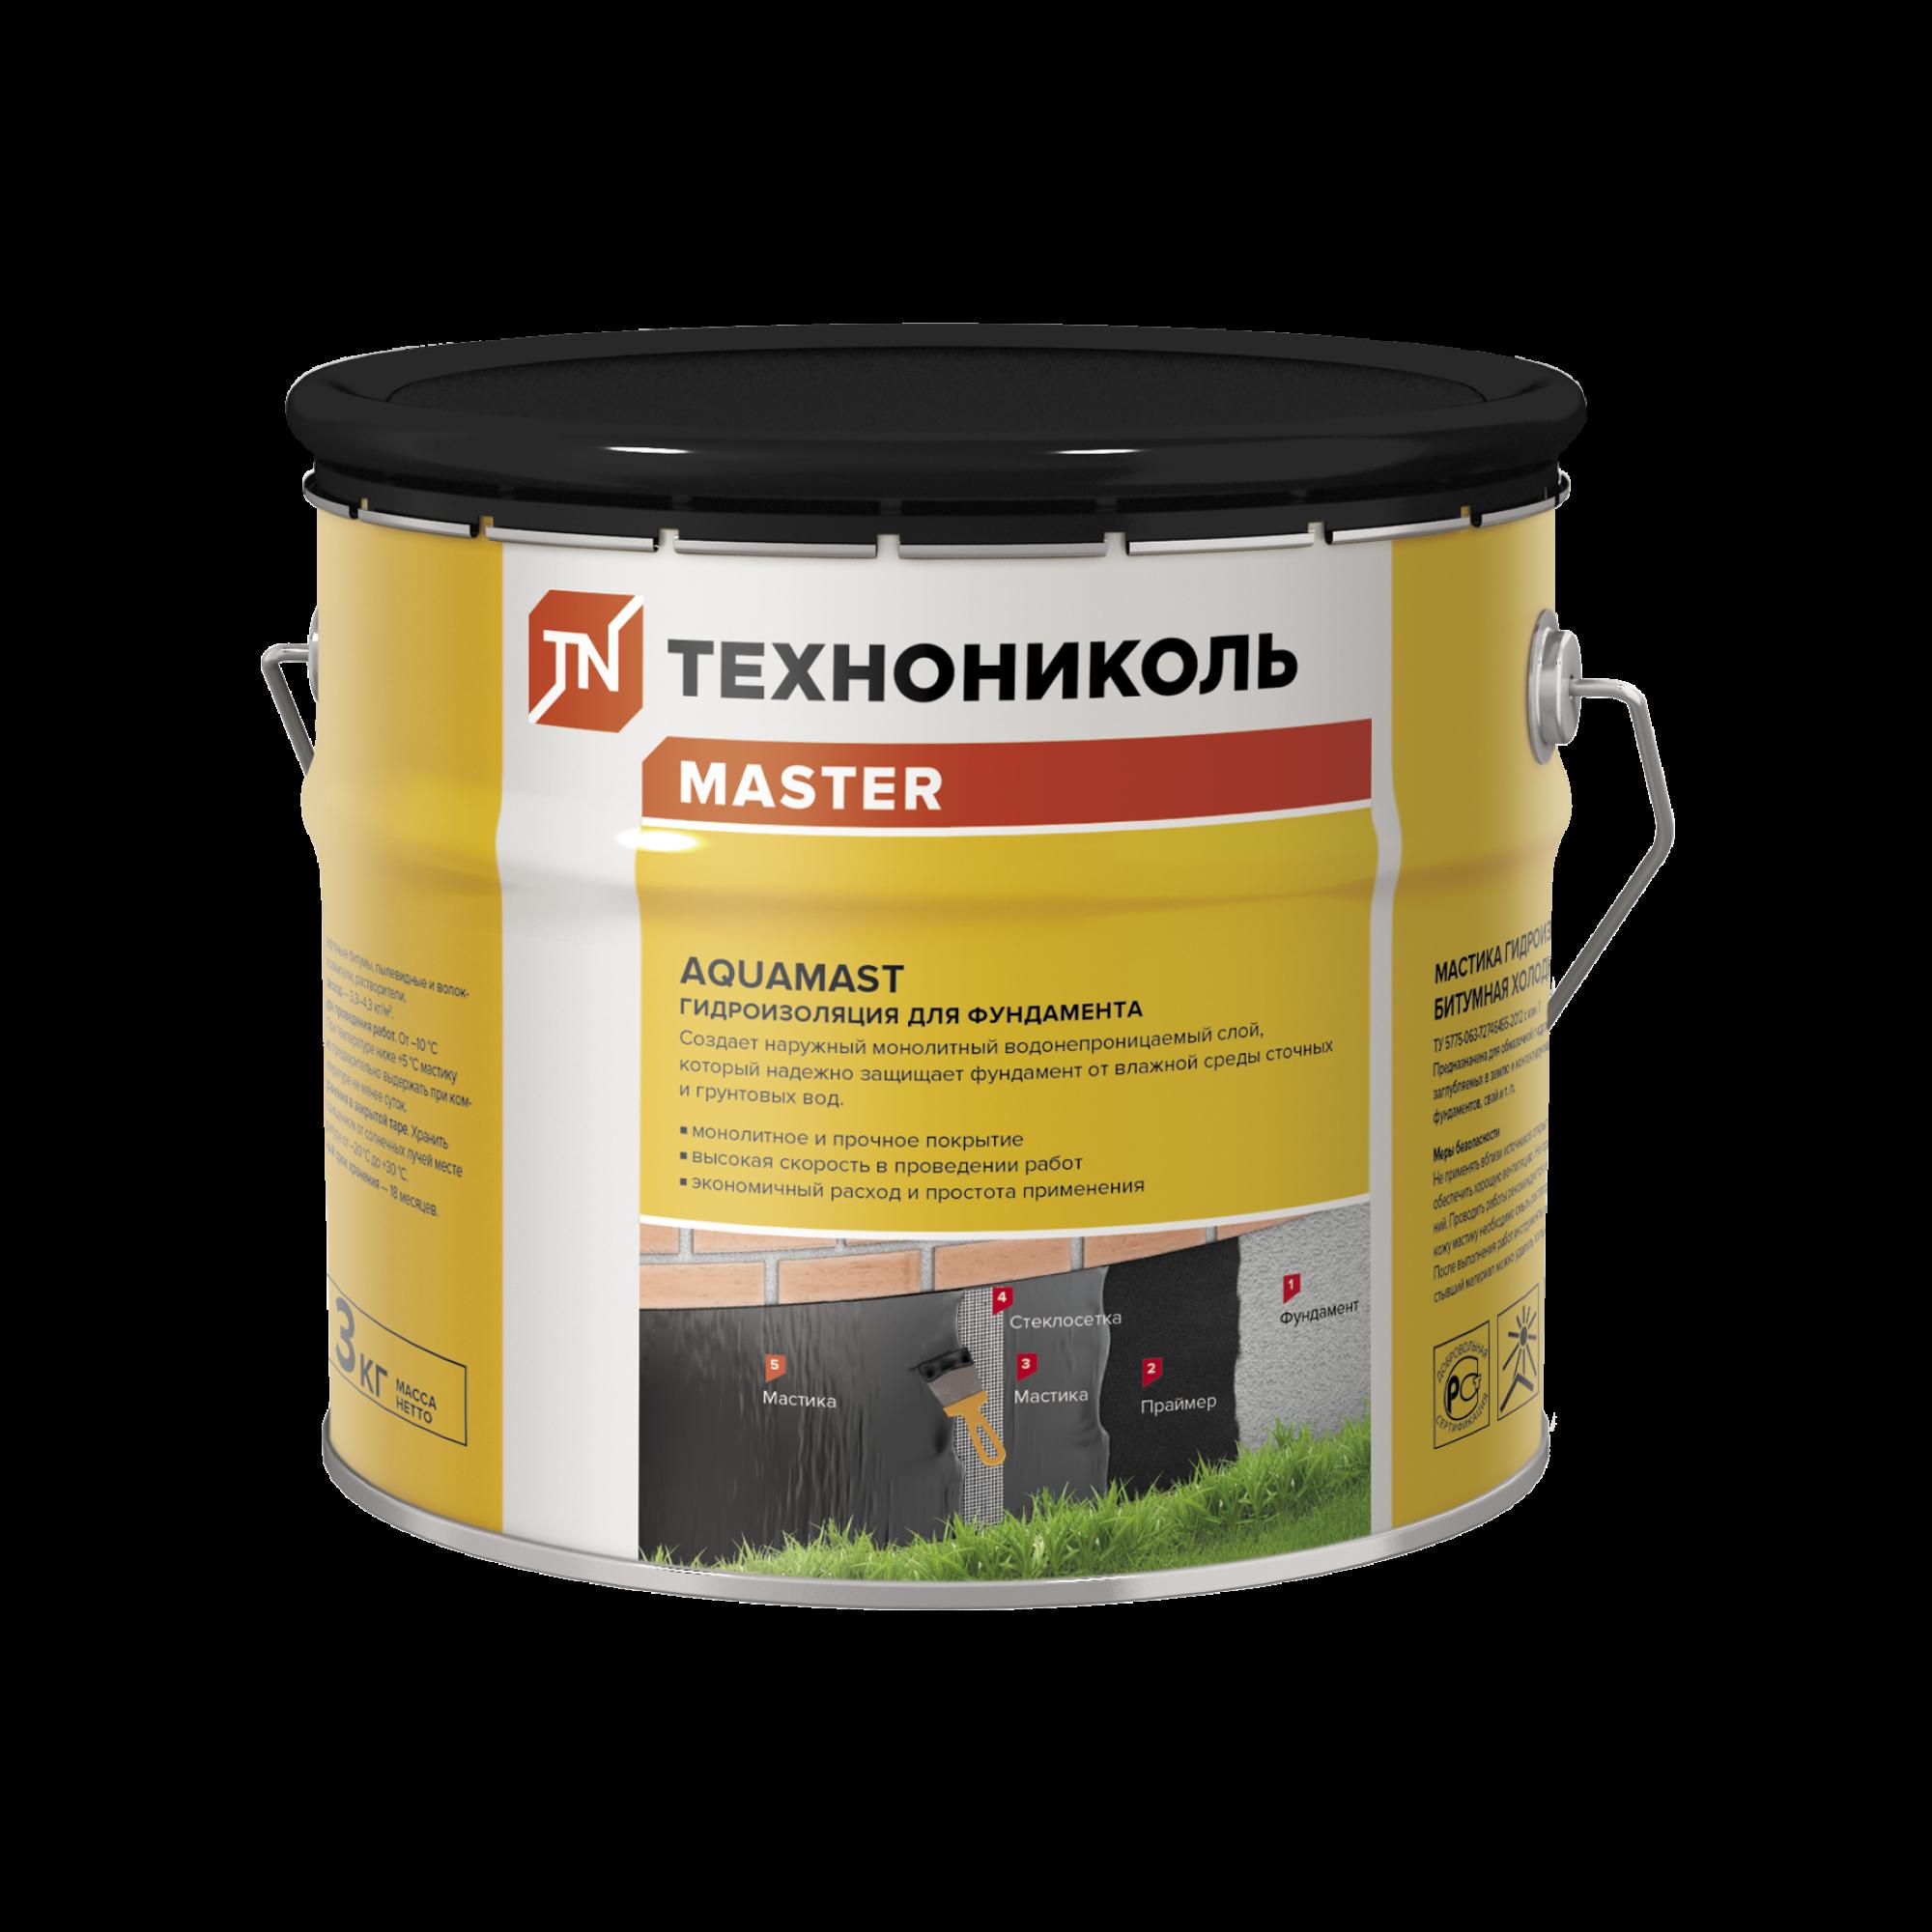 Битумно-каучуковая мастика: технические характеристики каучуко-битумной продукции, бутилкаучуковая холодная гидроизоляция «мгх-к» и «ребакс-м»